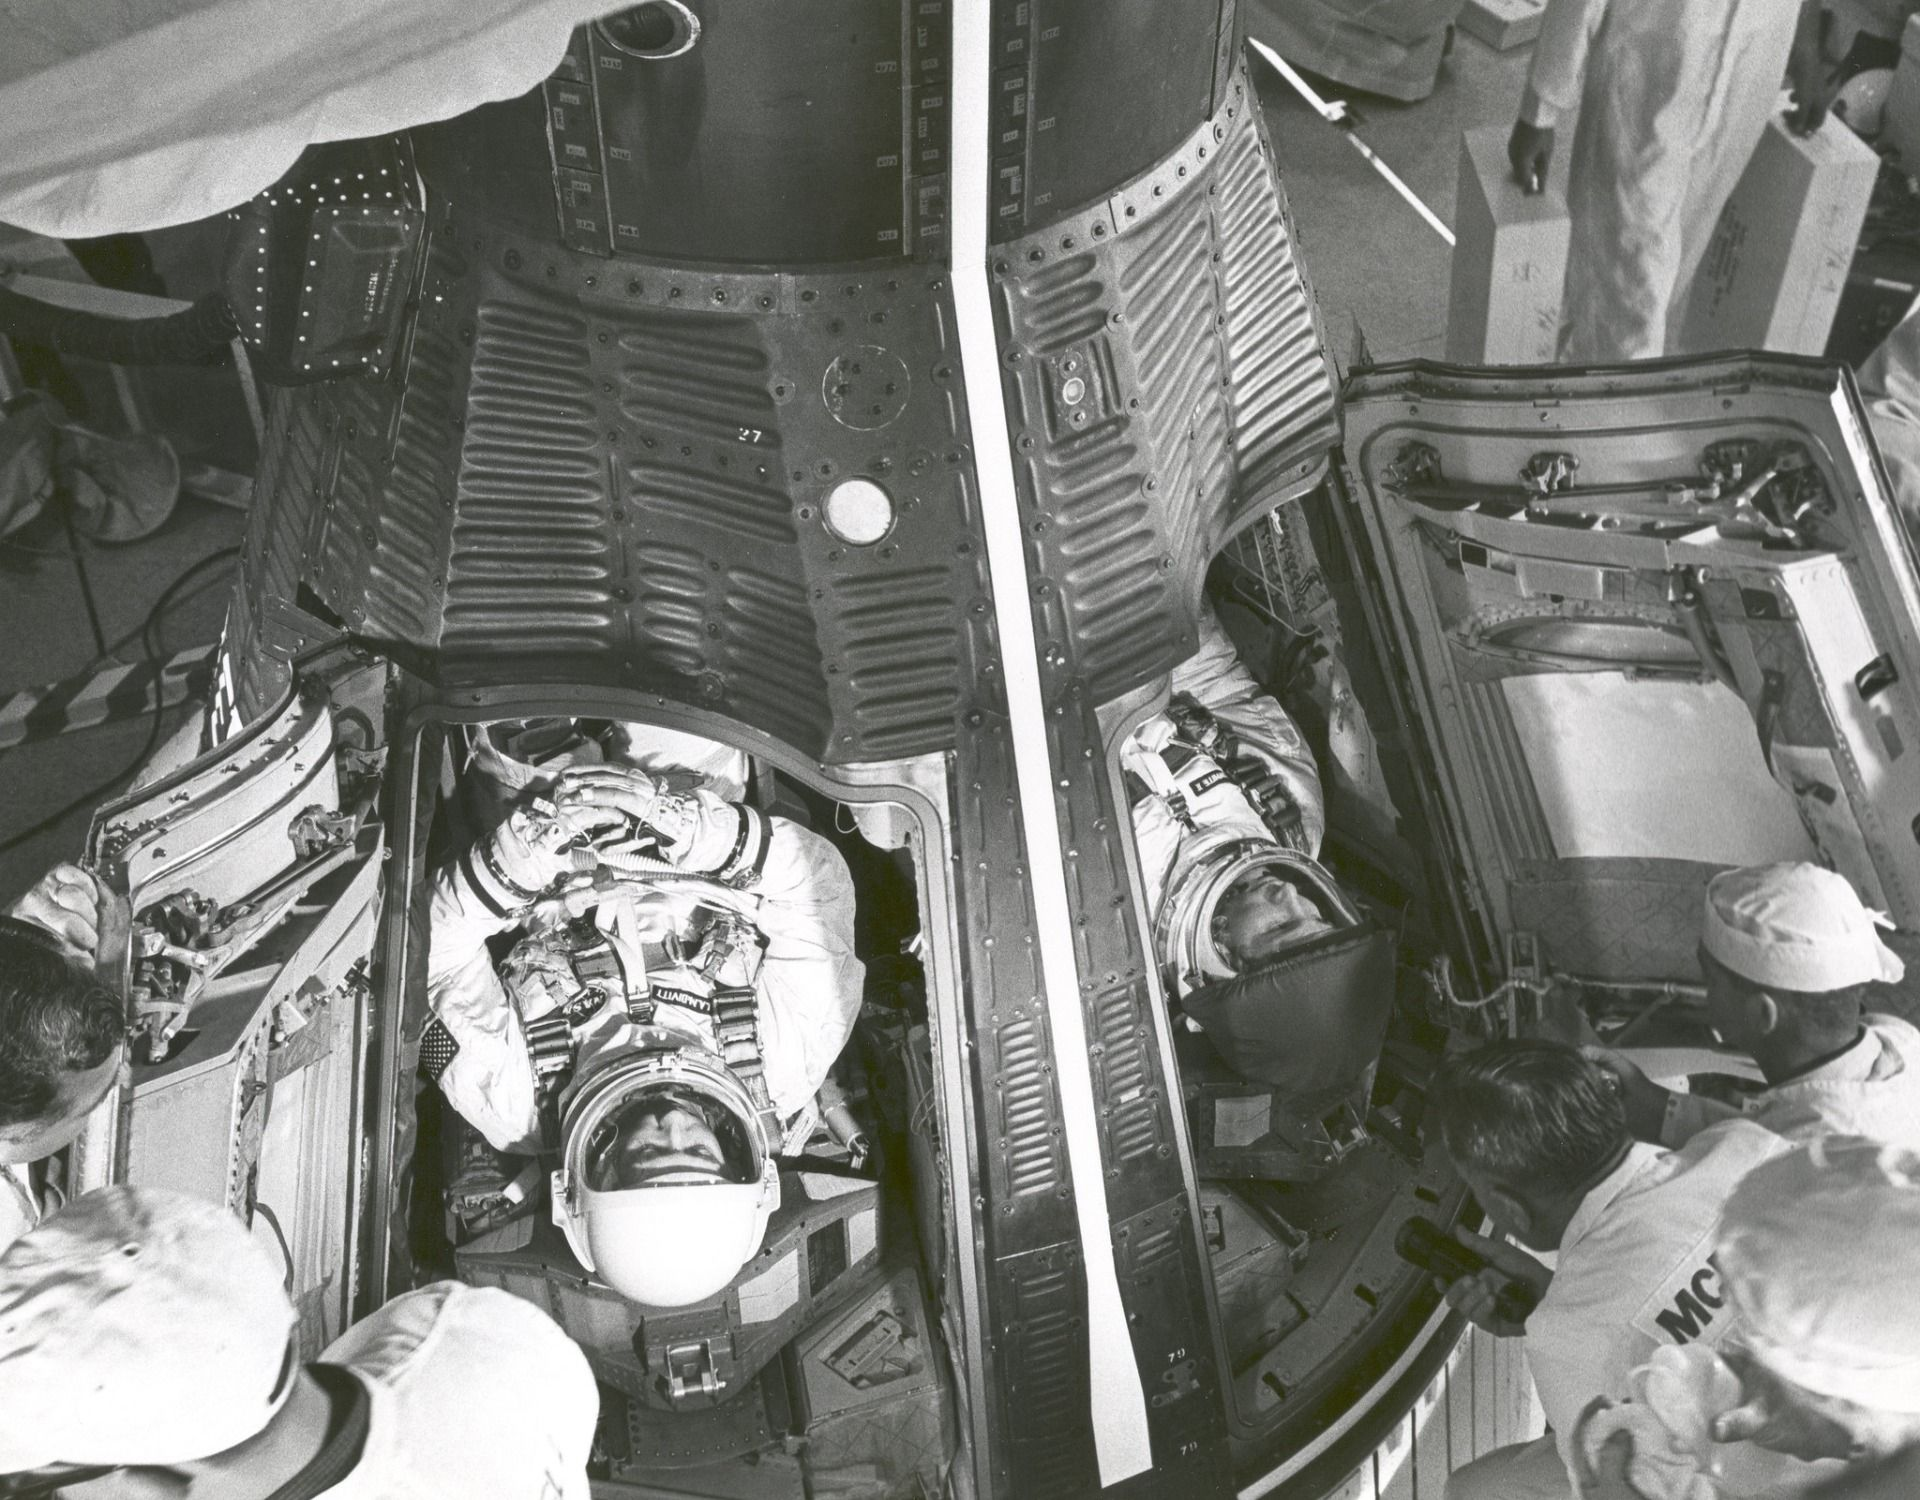 Astronauts McDivitt and White before Gemini 4 launch